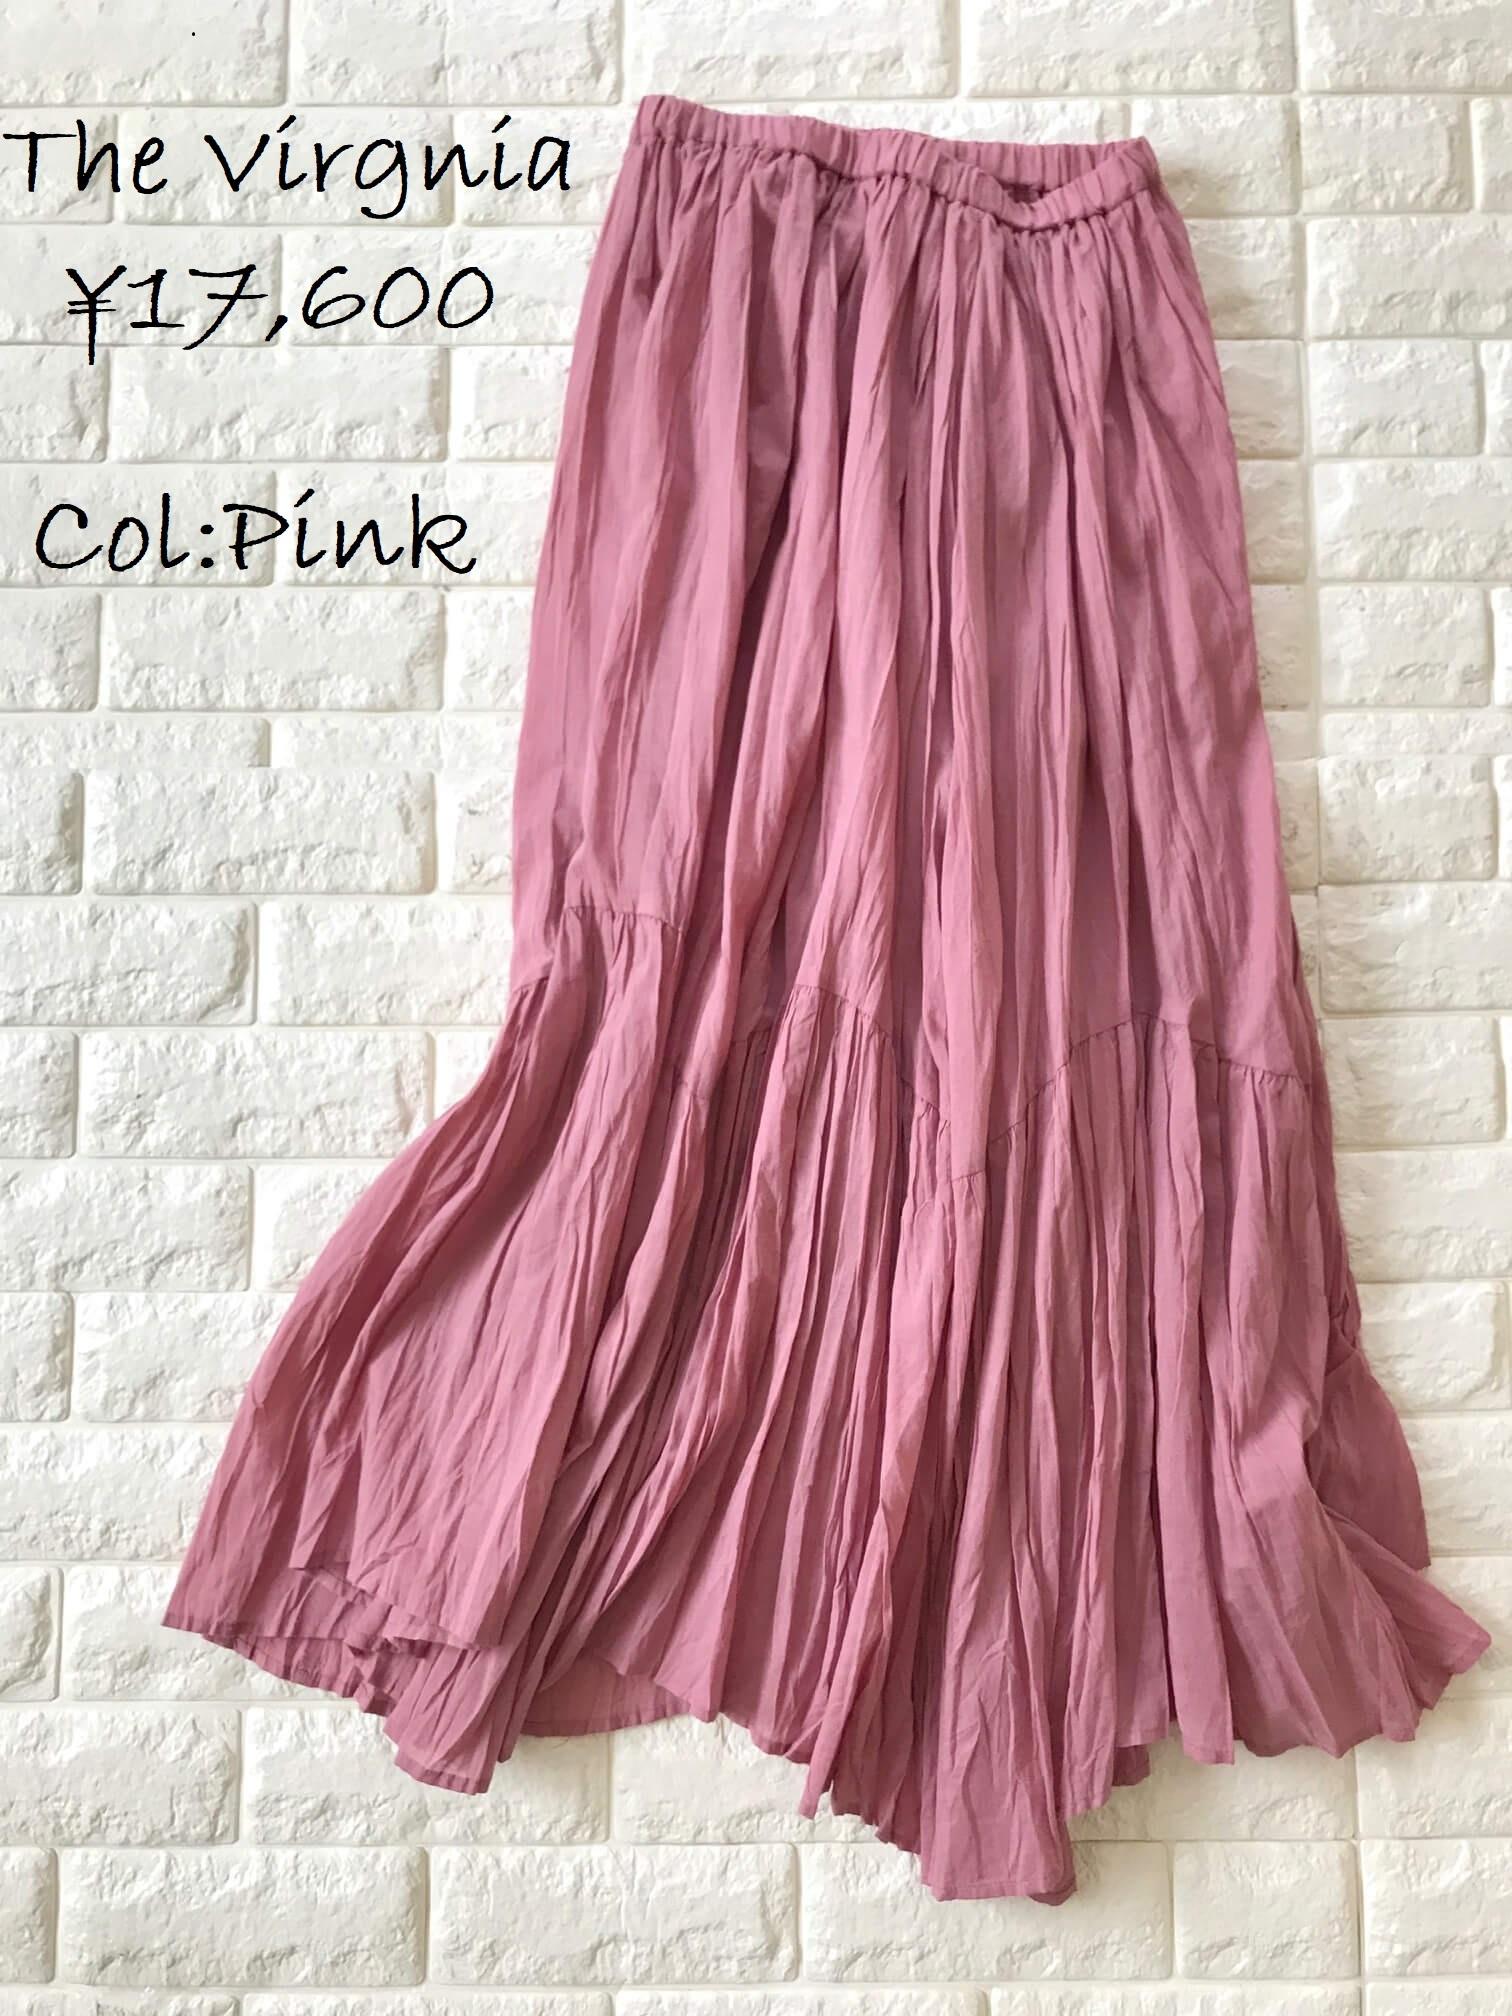 ザ・バージニアのピンクスカート画像